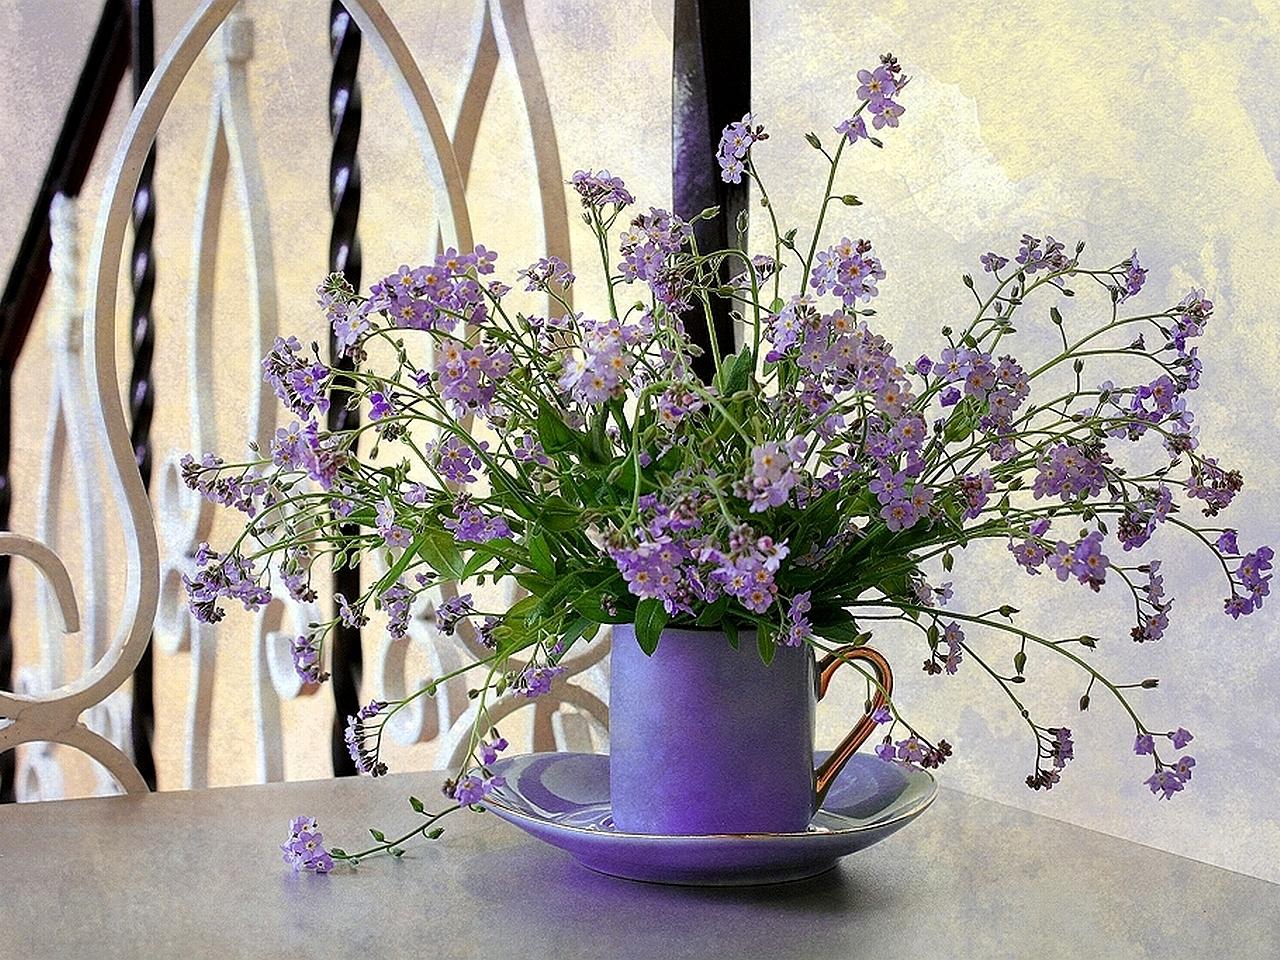 28678 скачать обои Растения, Цветы, Букеты - заставки и картинки бесплатно